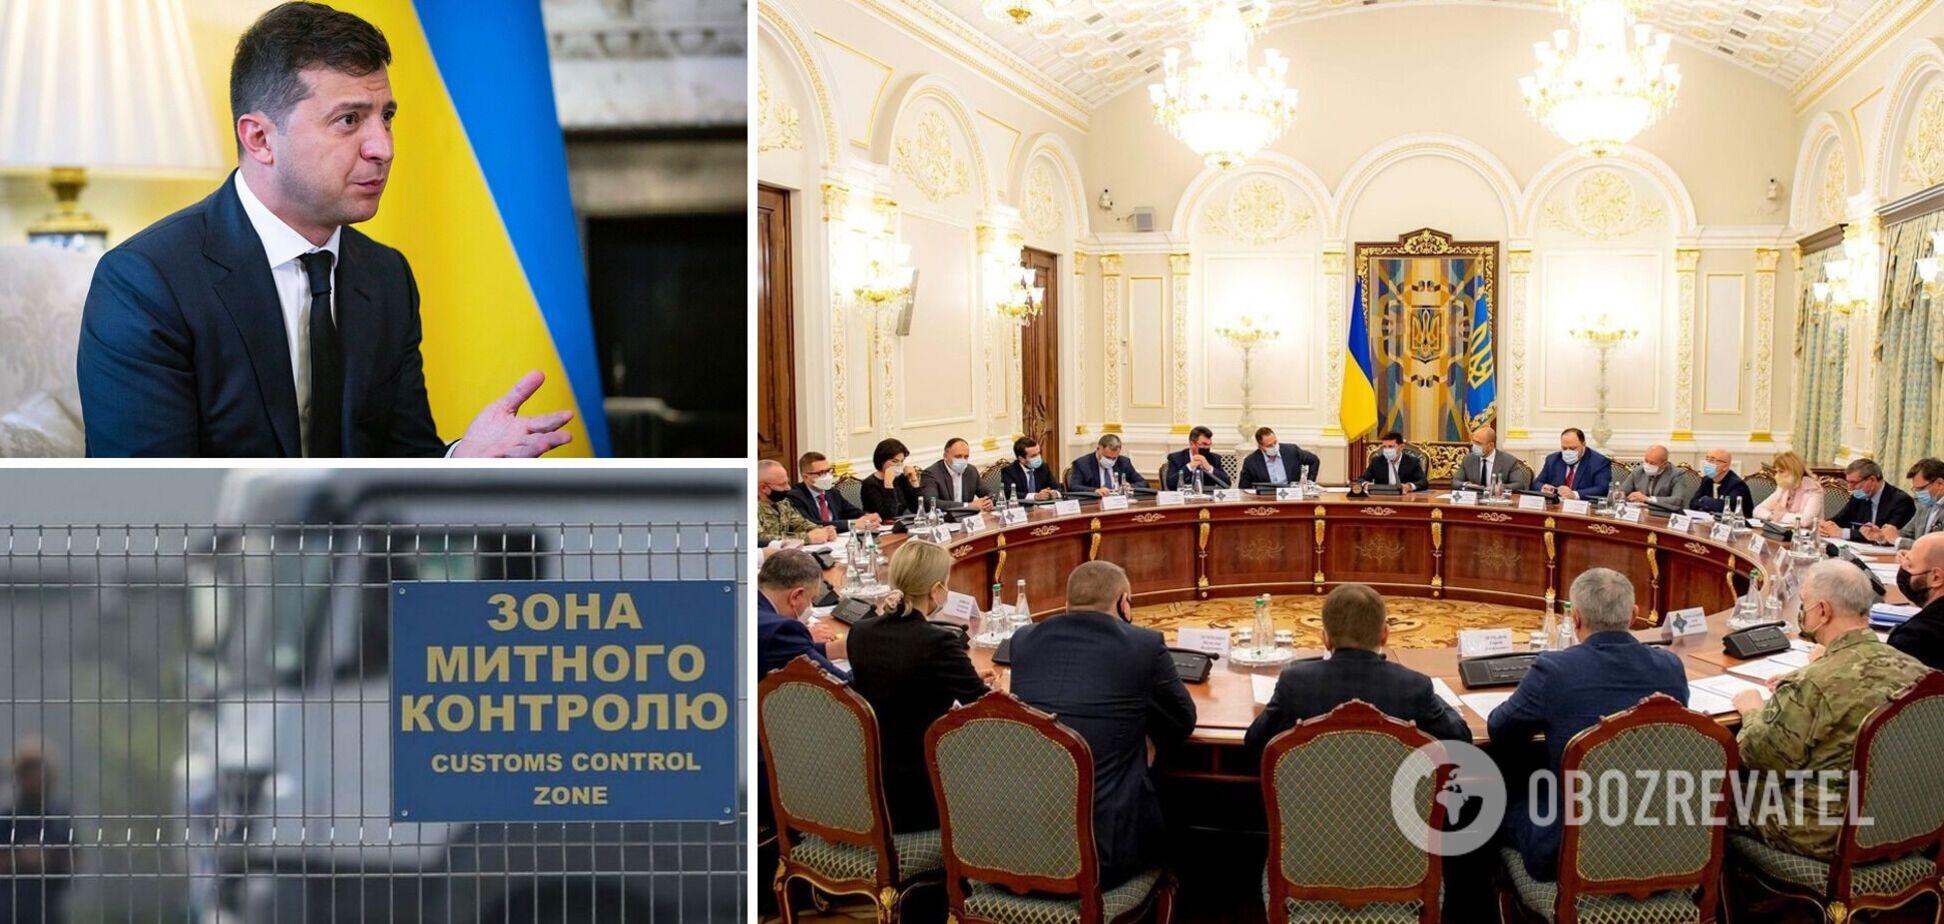 Зеленський ввів санкції проти топ-10 контрабандистів: OBOZREVATEL публікує список